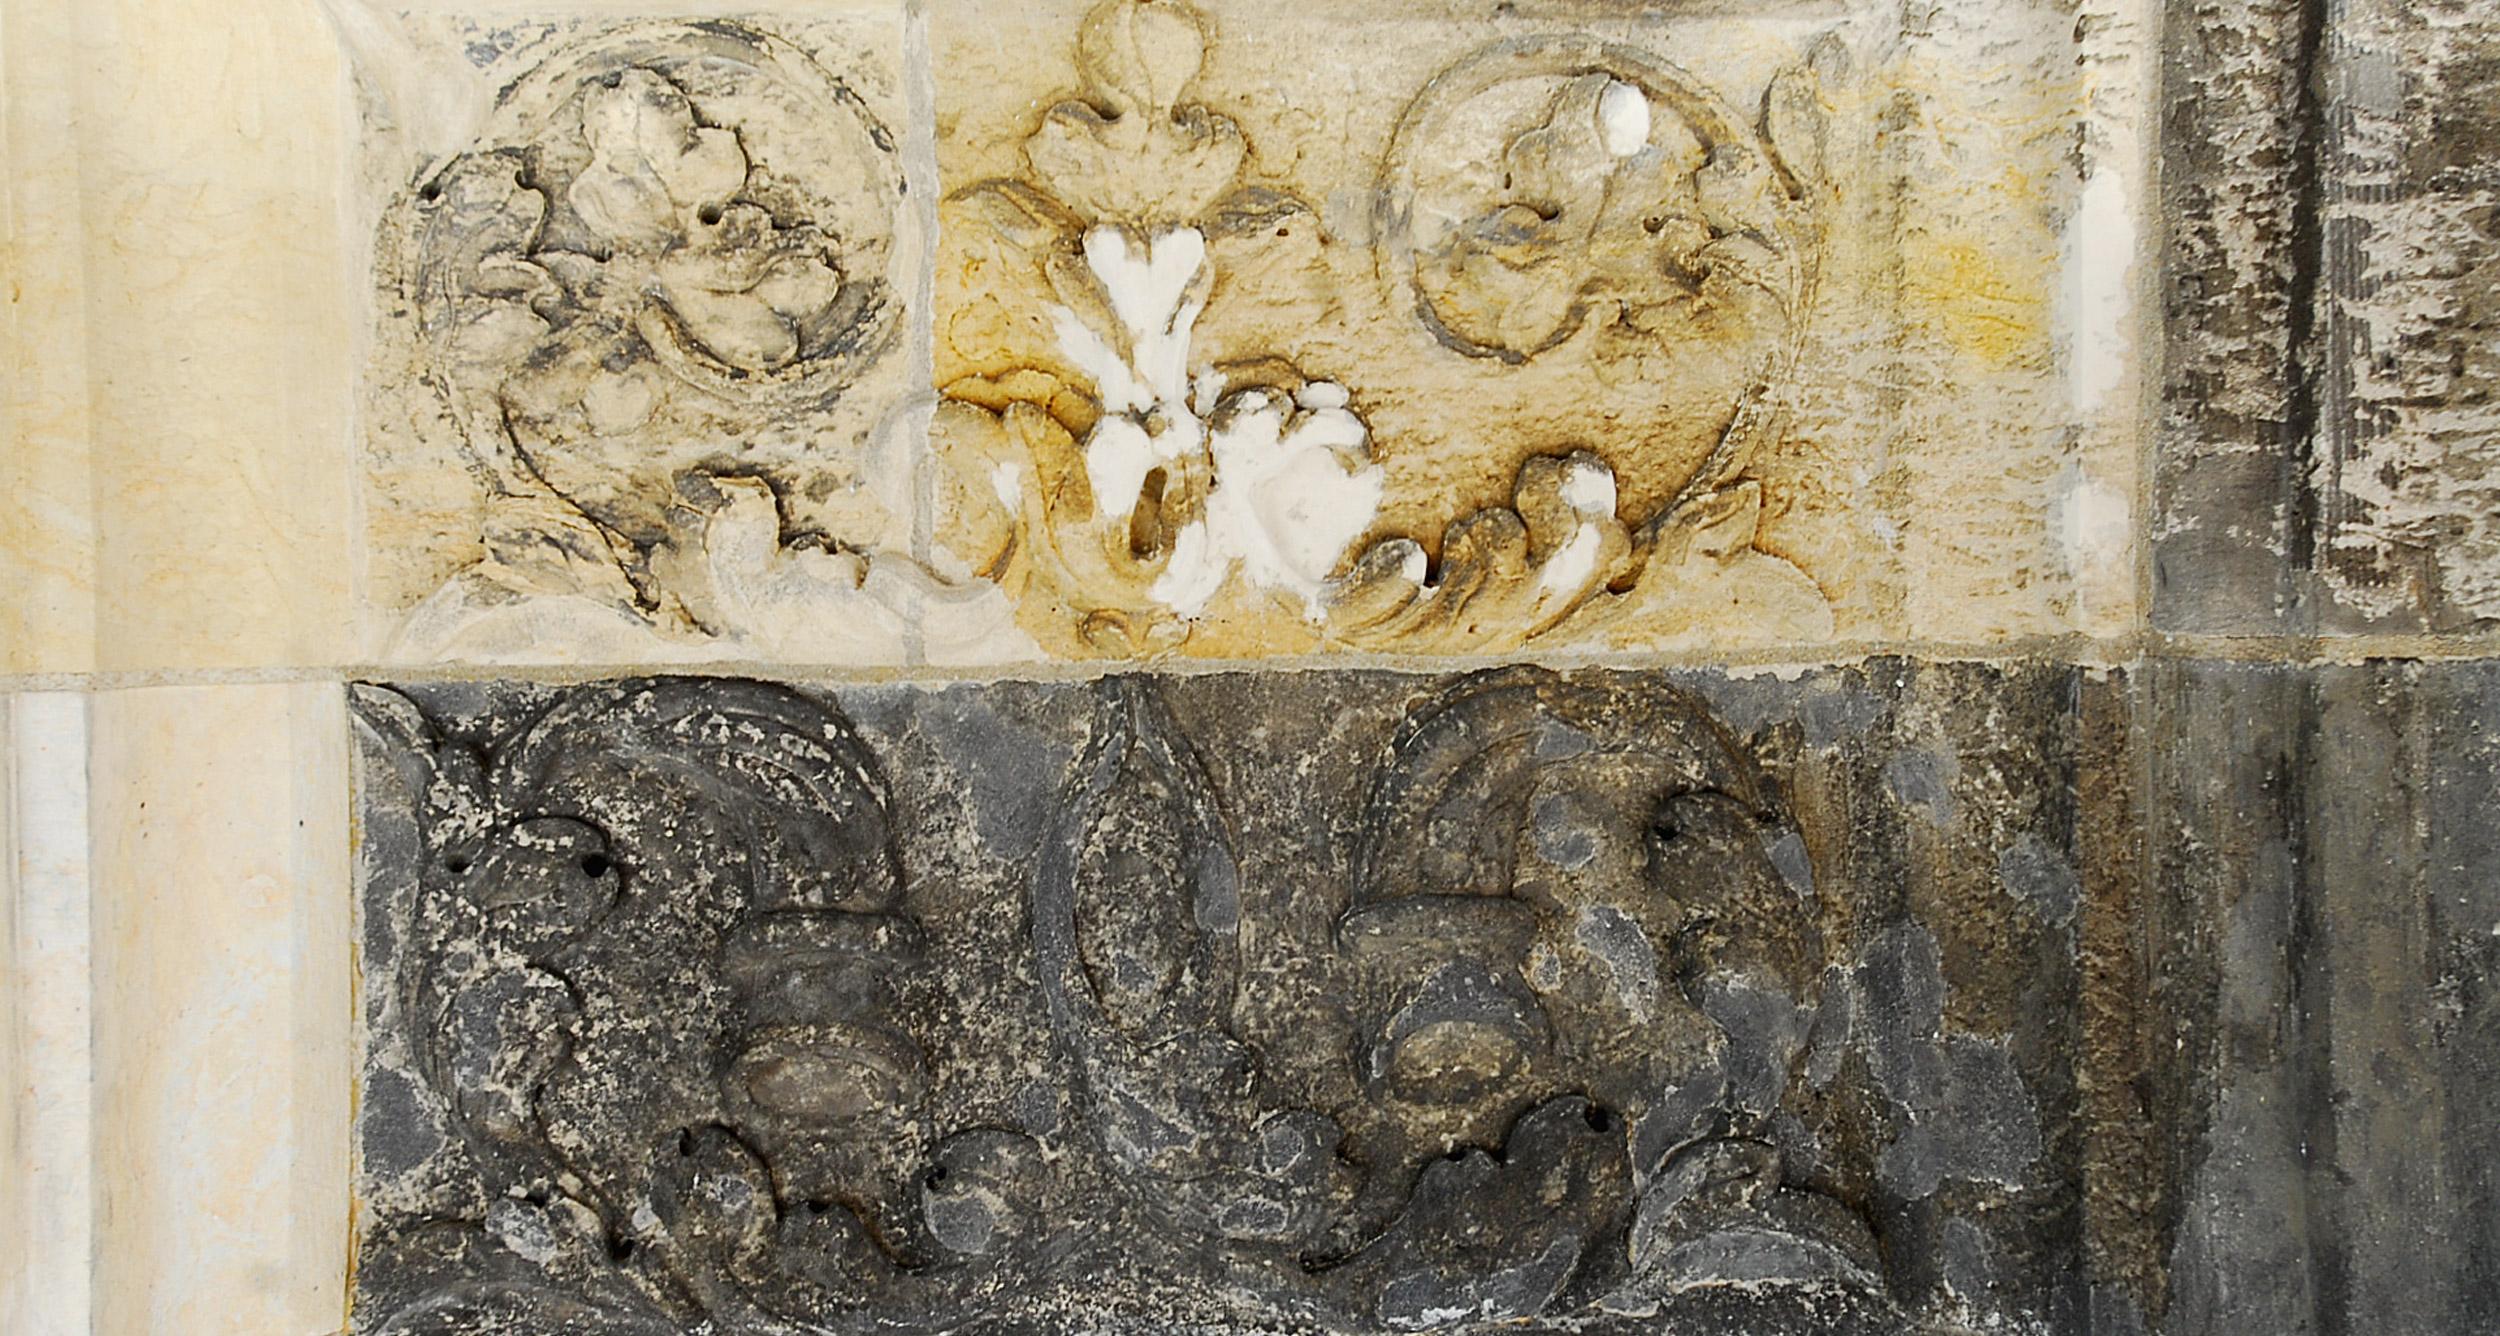 Detail einer Reliefzone mit unterschiedlichen Bearbeitungszuständen